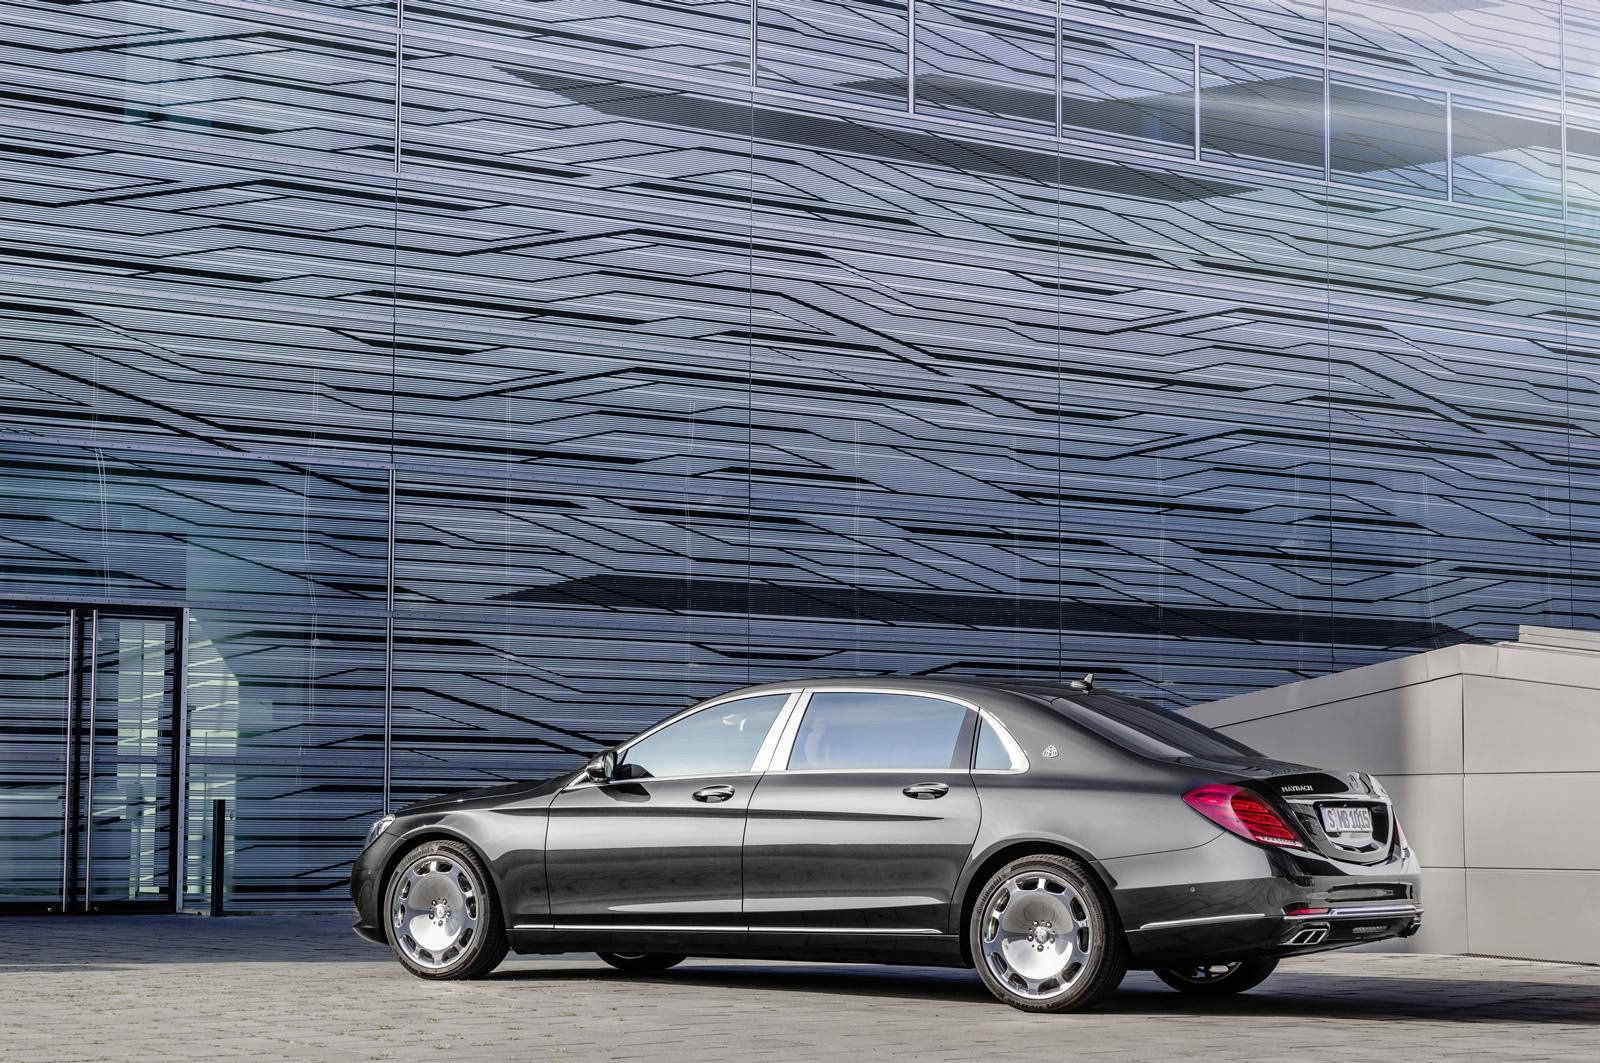 Mercedes Maybach S Klasa Mercedes Maybach Mercedes Benz Maybach Mercedes Maybach S600